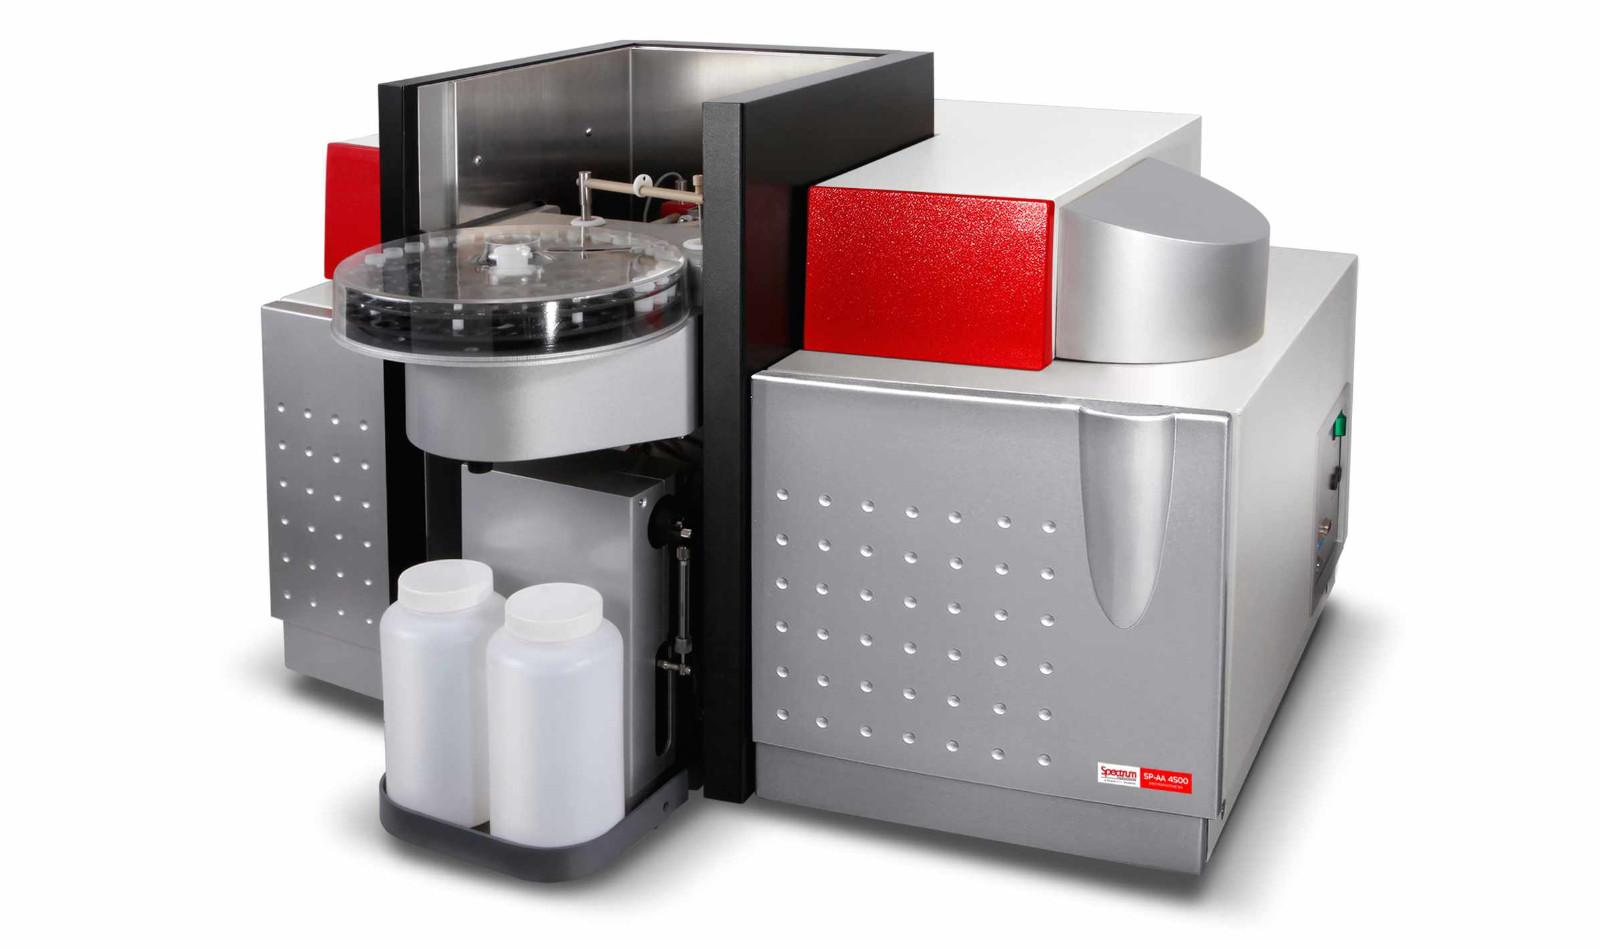 火焰原子吸收光谱仪_塞曼光谱仪、光度计仪器-上海光谱仪器有限公司